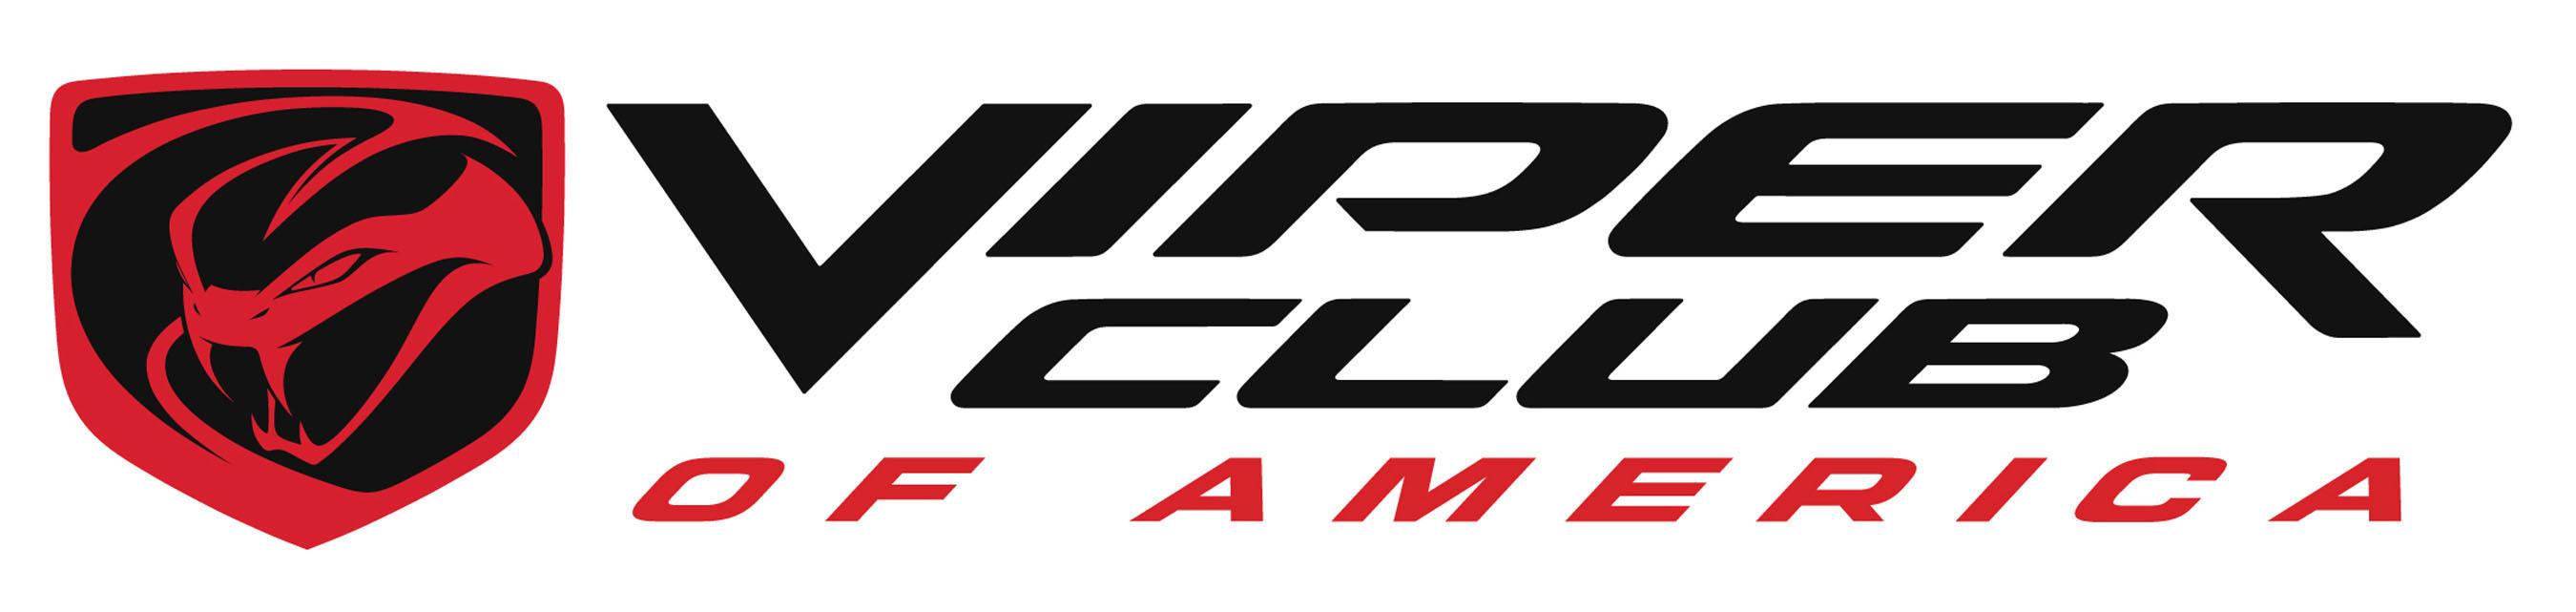 Dodge Ram Floor Mats Best Floor Mats For Dodge Ram Truck ...